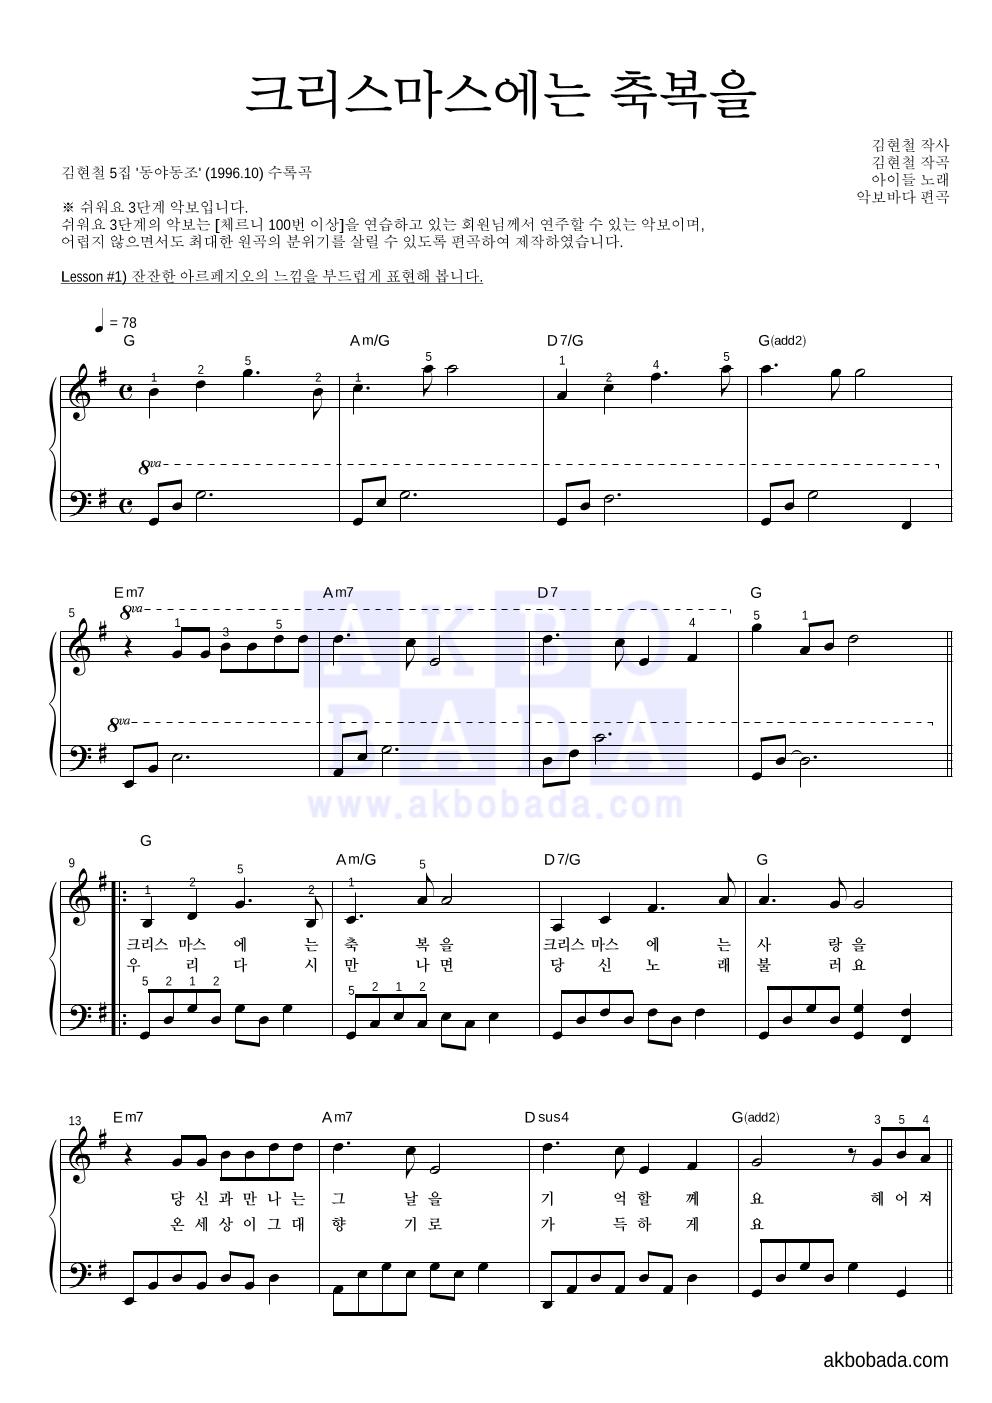 김현철 - 크리스마스에는 축복을  악보